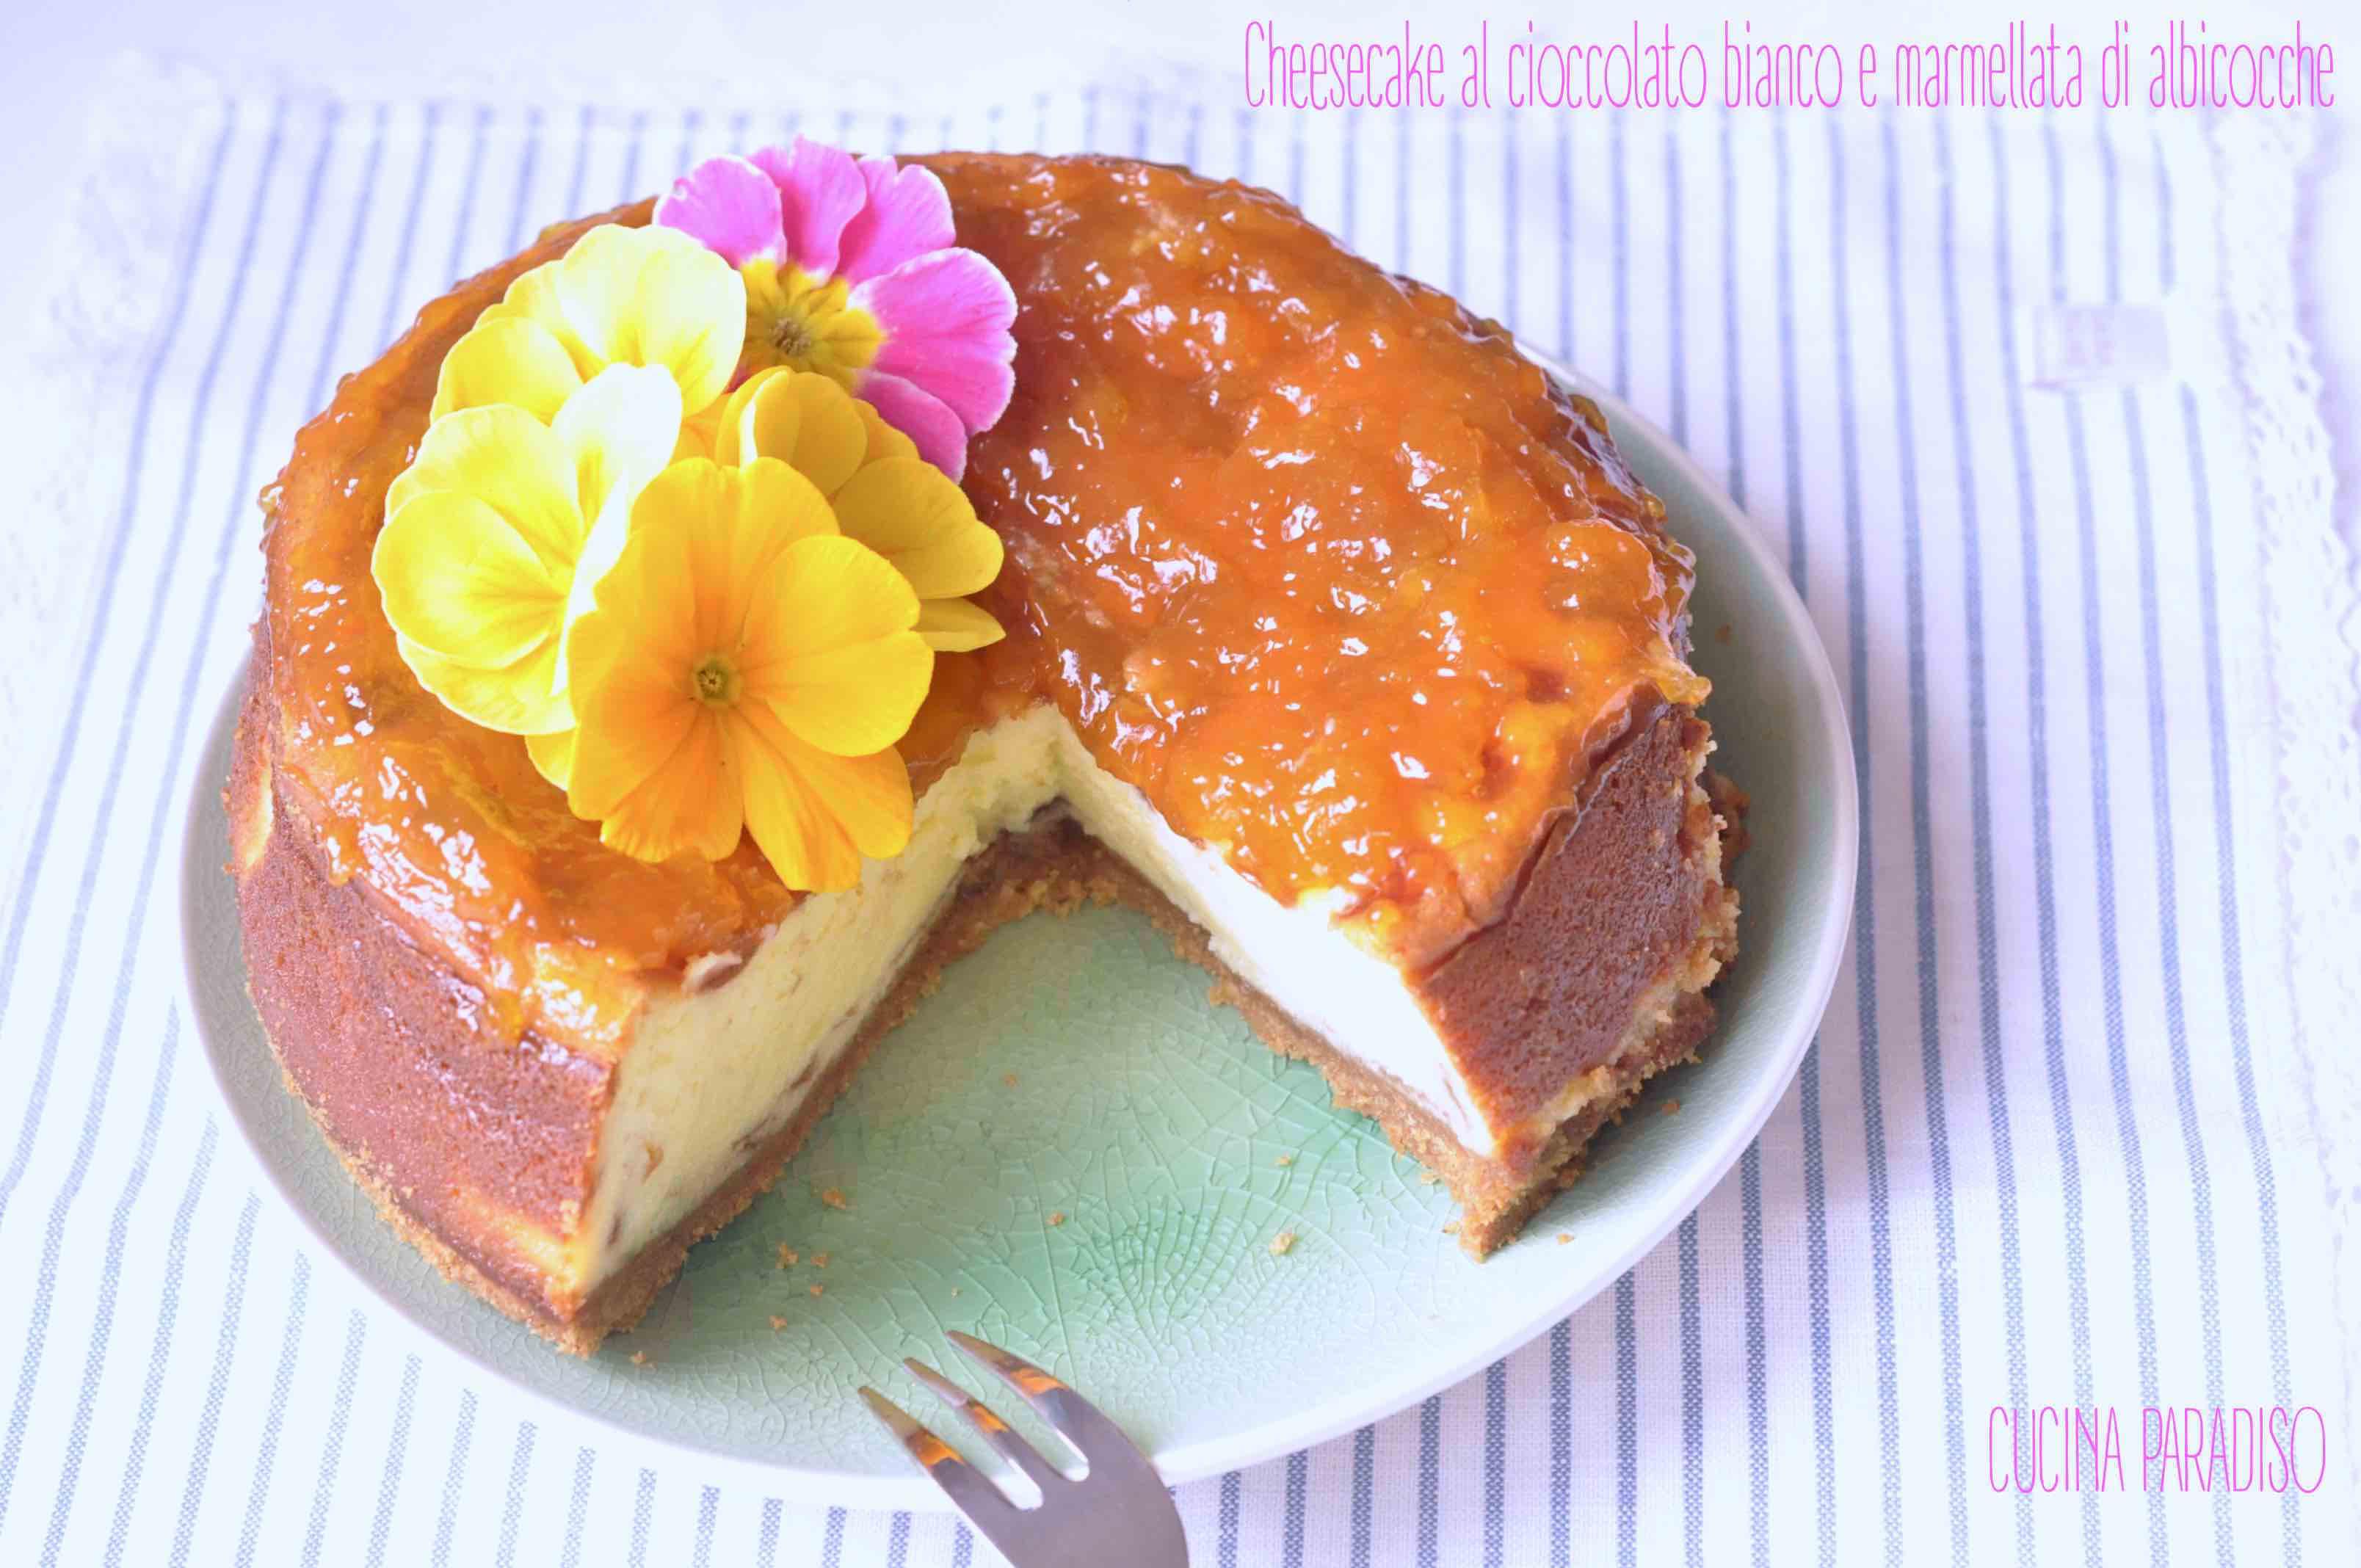 Cheesecake al cioccolato bianco e marmellata di albicocche2